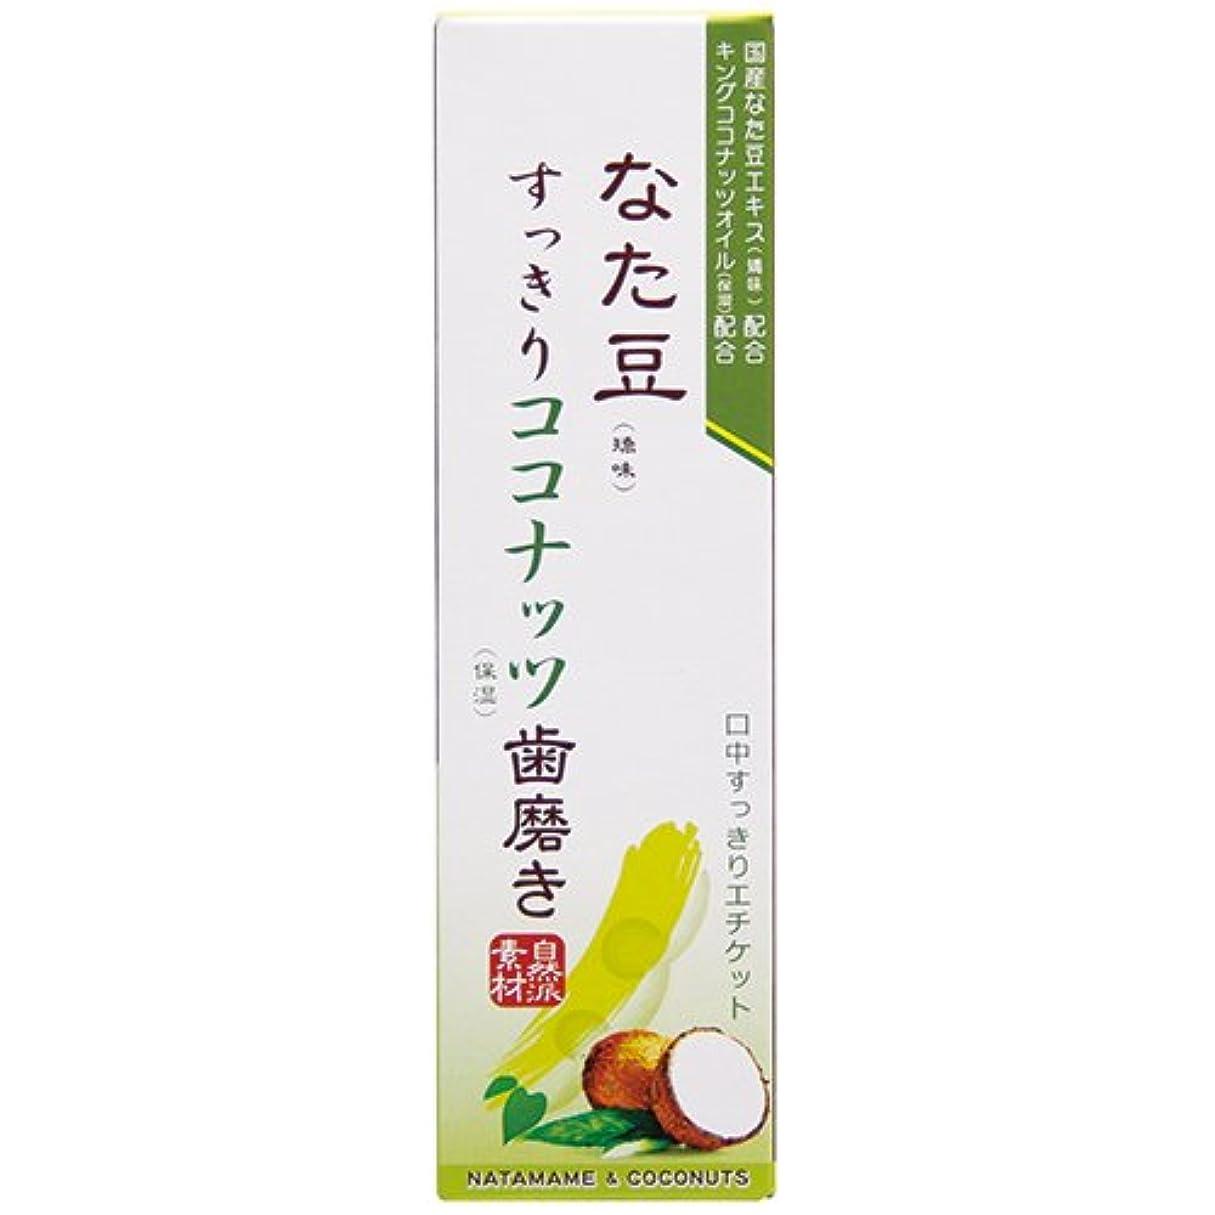 縮約週間束なた豆すっきりココナッツ歯磨き粉 120g